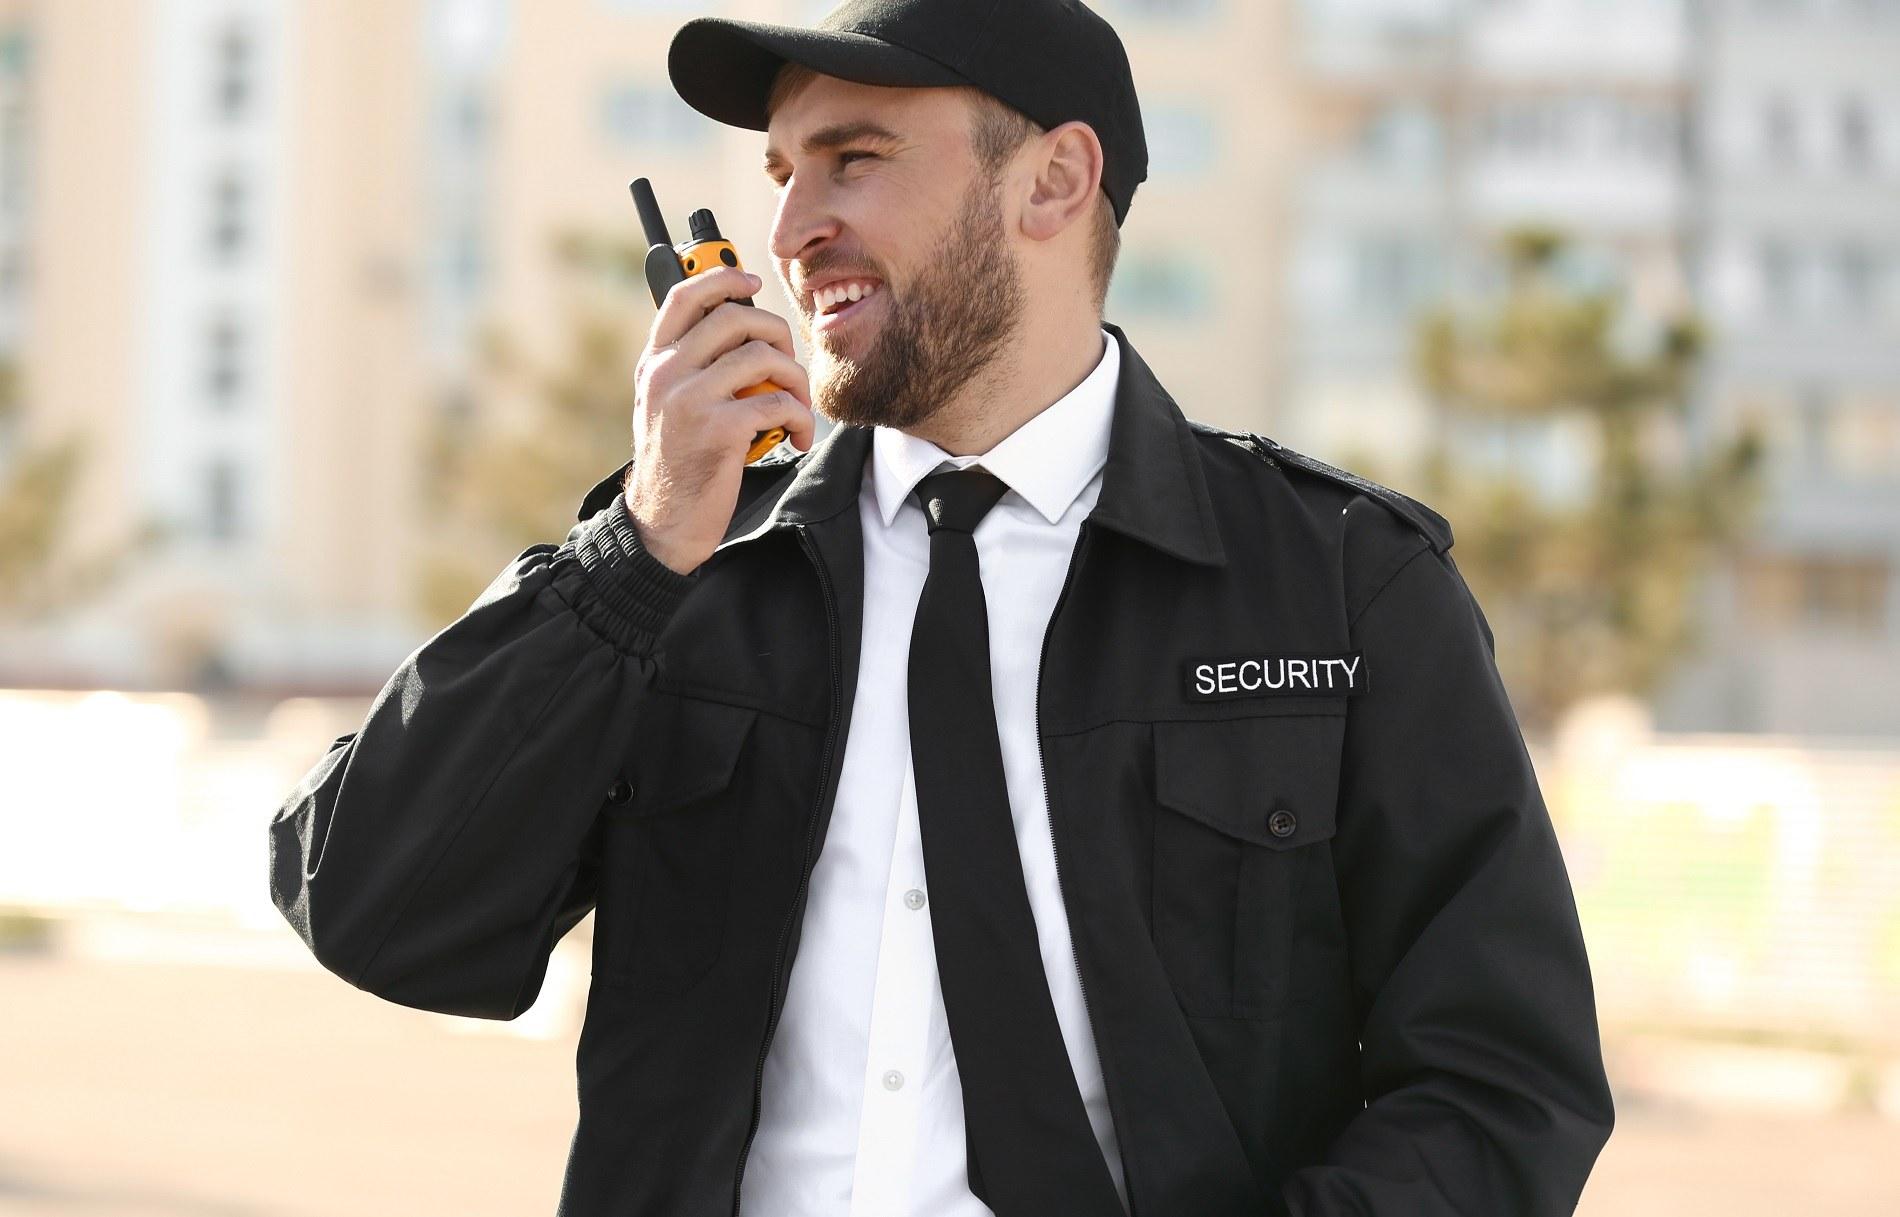 Sicherheitsdienst Leipzig Security, Objektbewachung, Objektsicherung, Sicherheitsdienst Gebäude, Immobilien